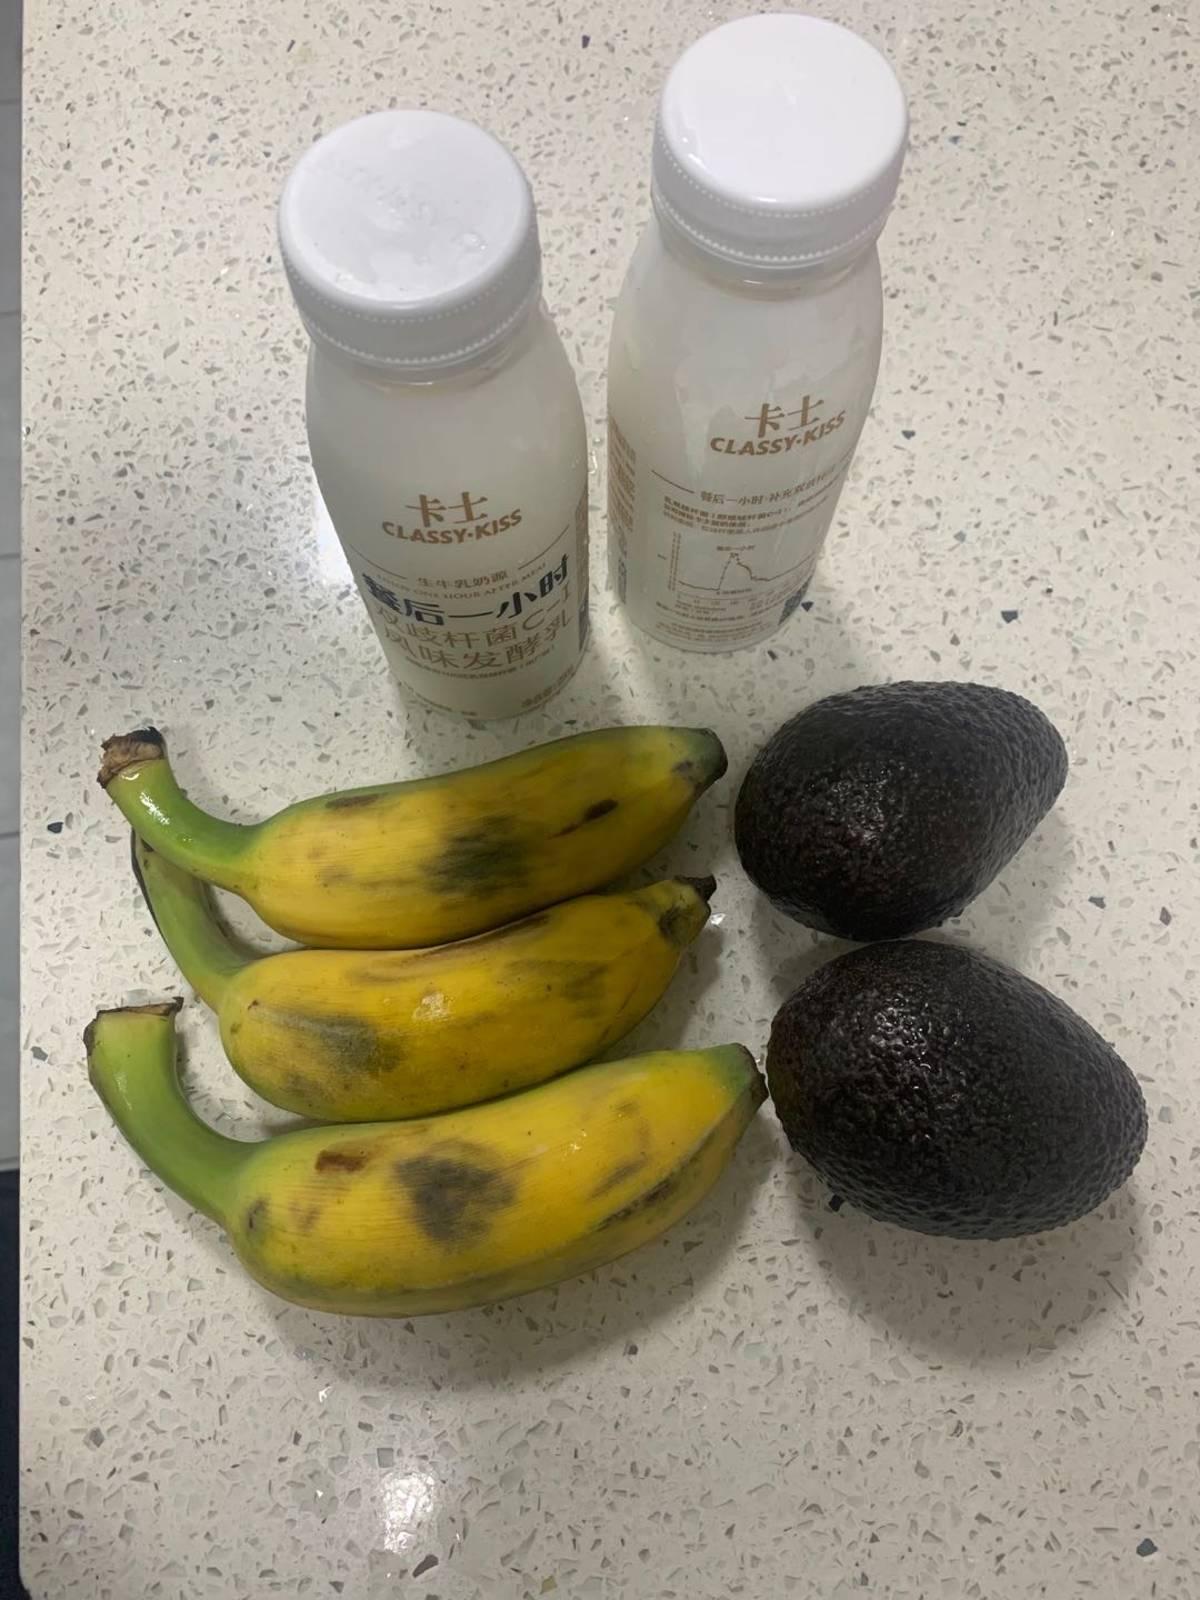 材料:2个牛油果,3根香蕉,2杯酸奶